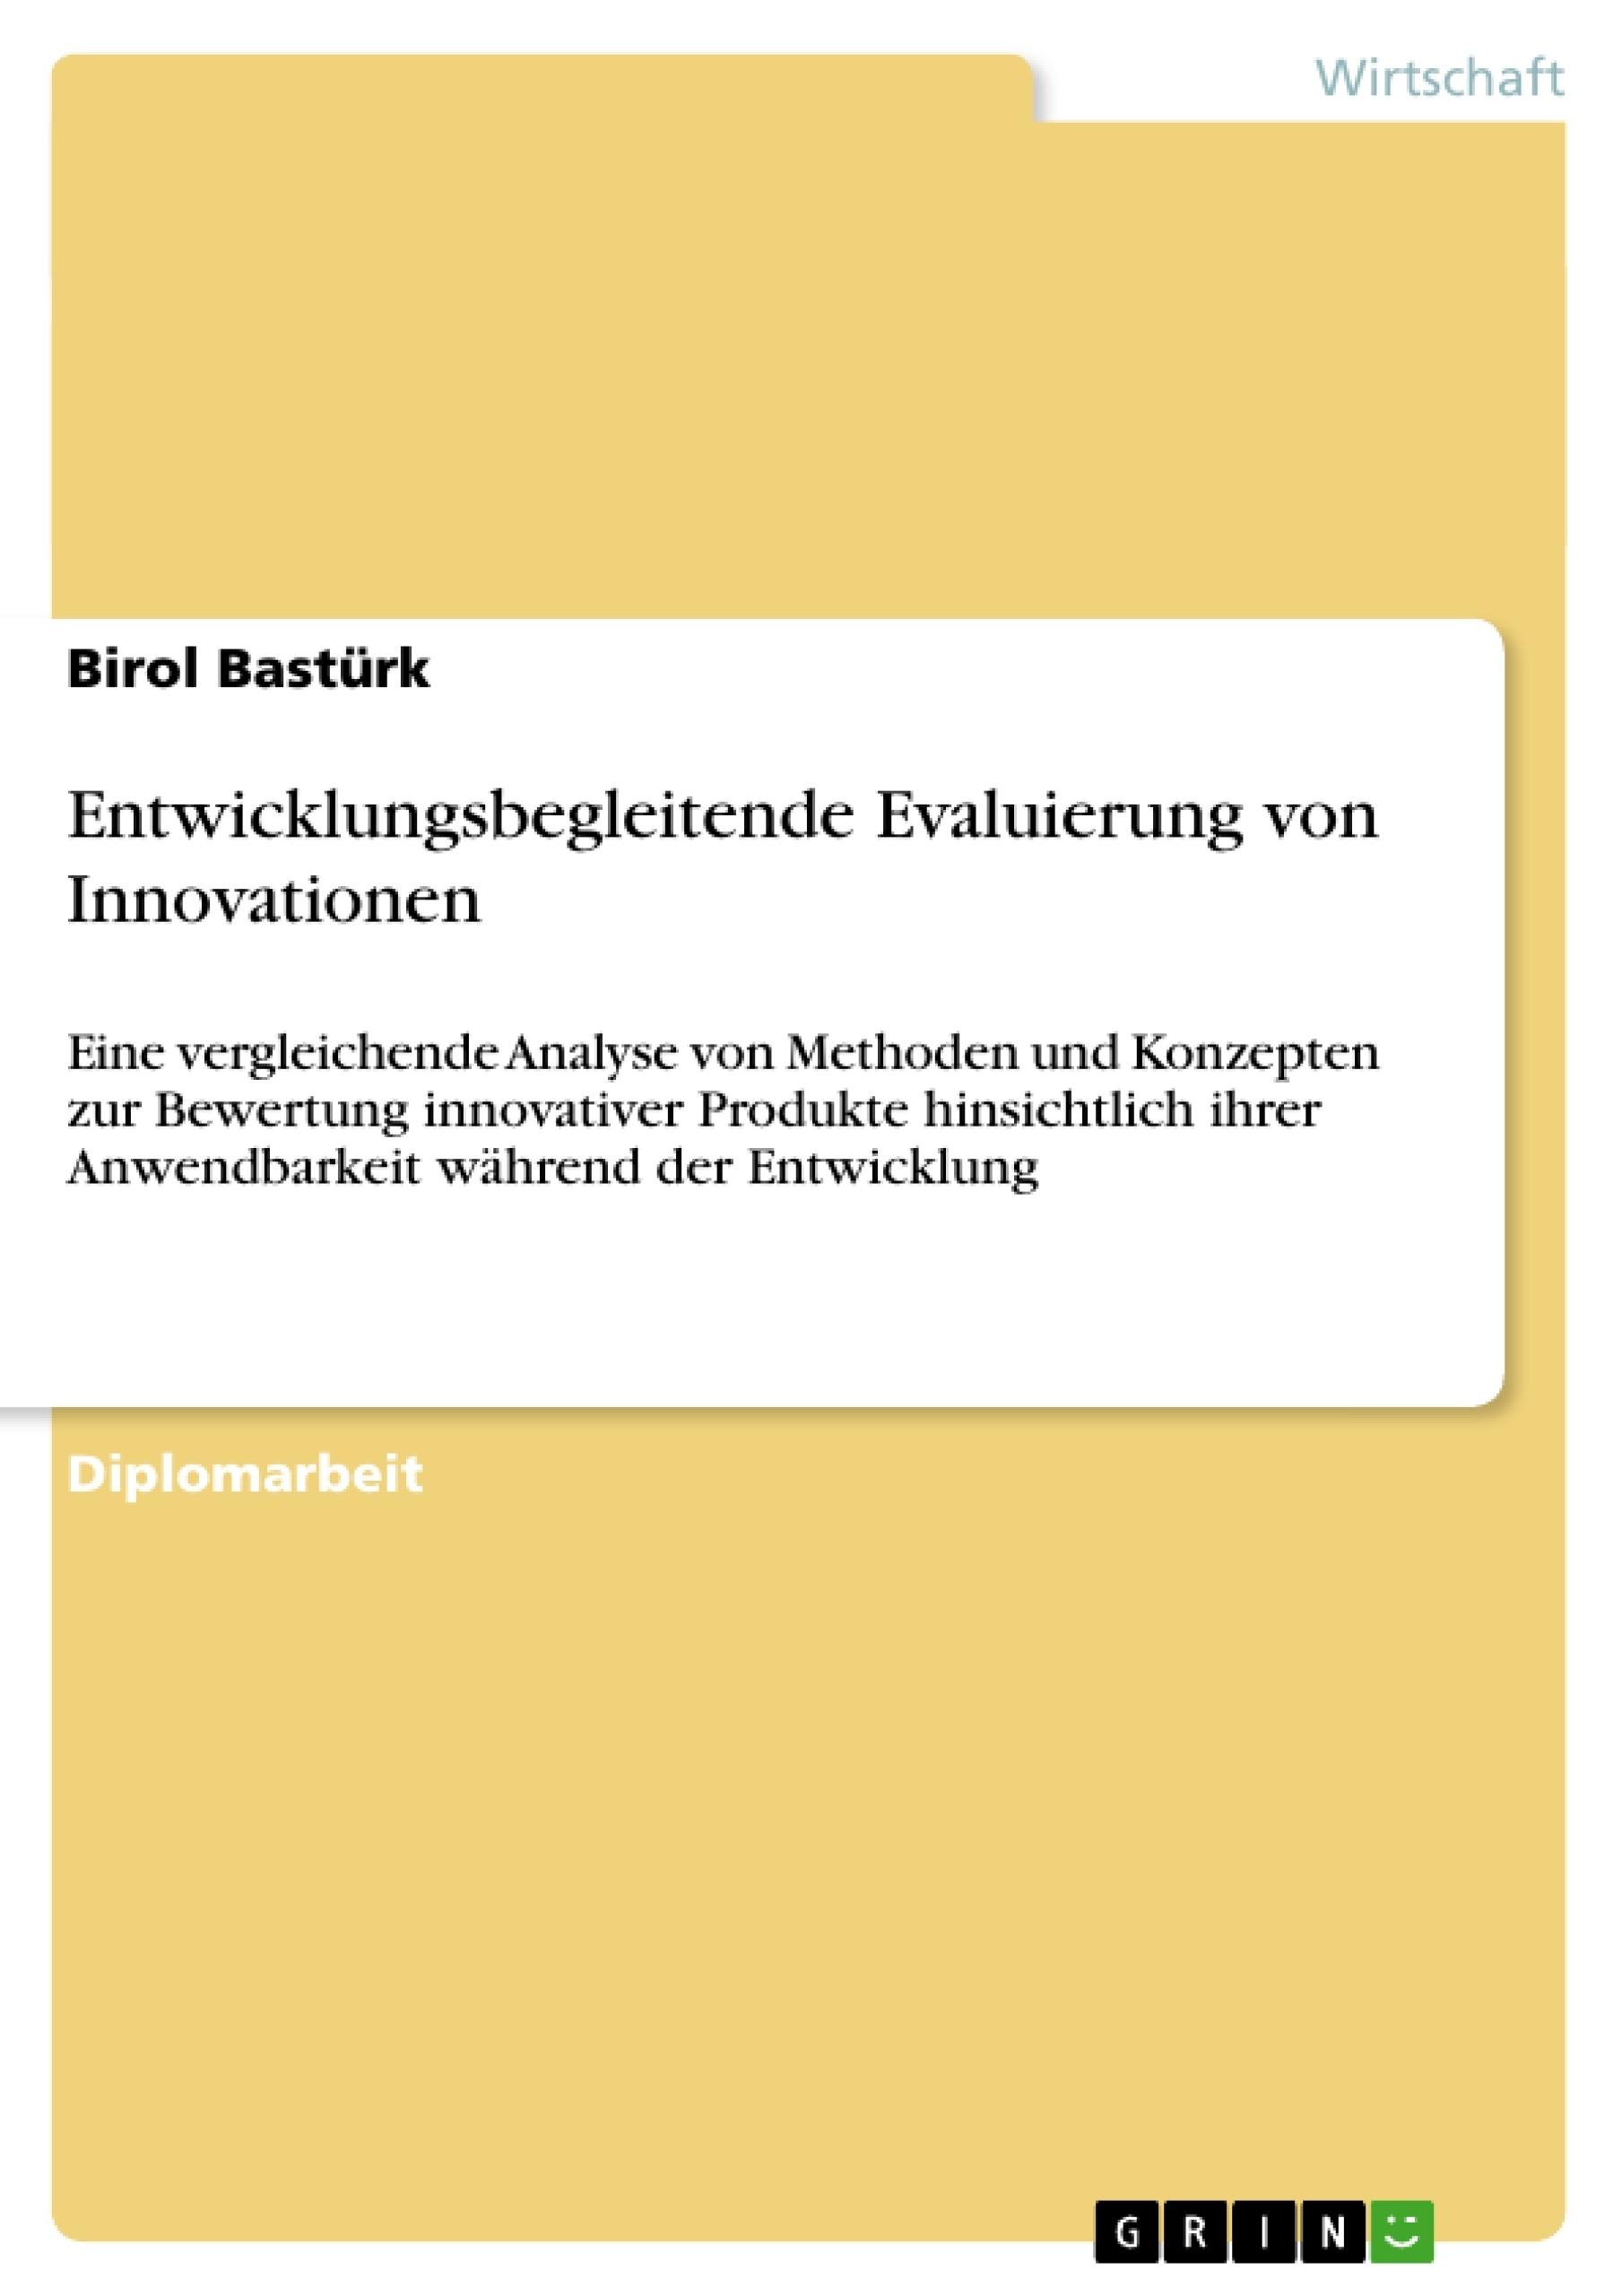 Titel: Entwicklungsbegleitende Evaluierung von Innovationen